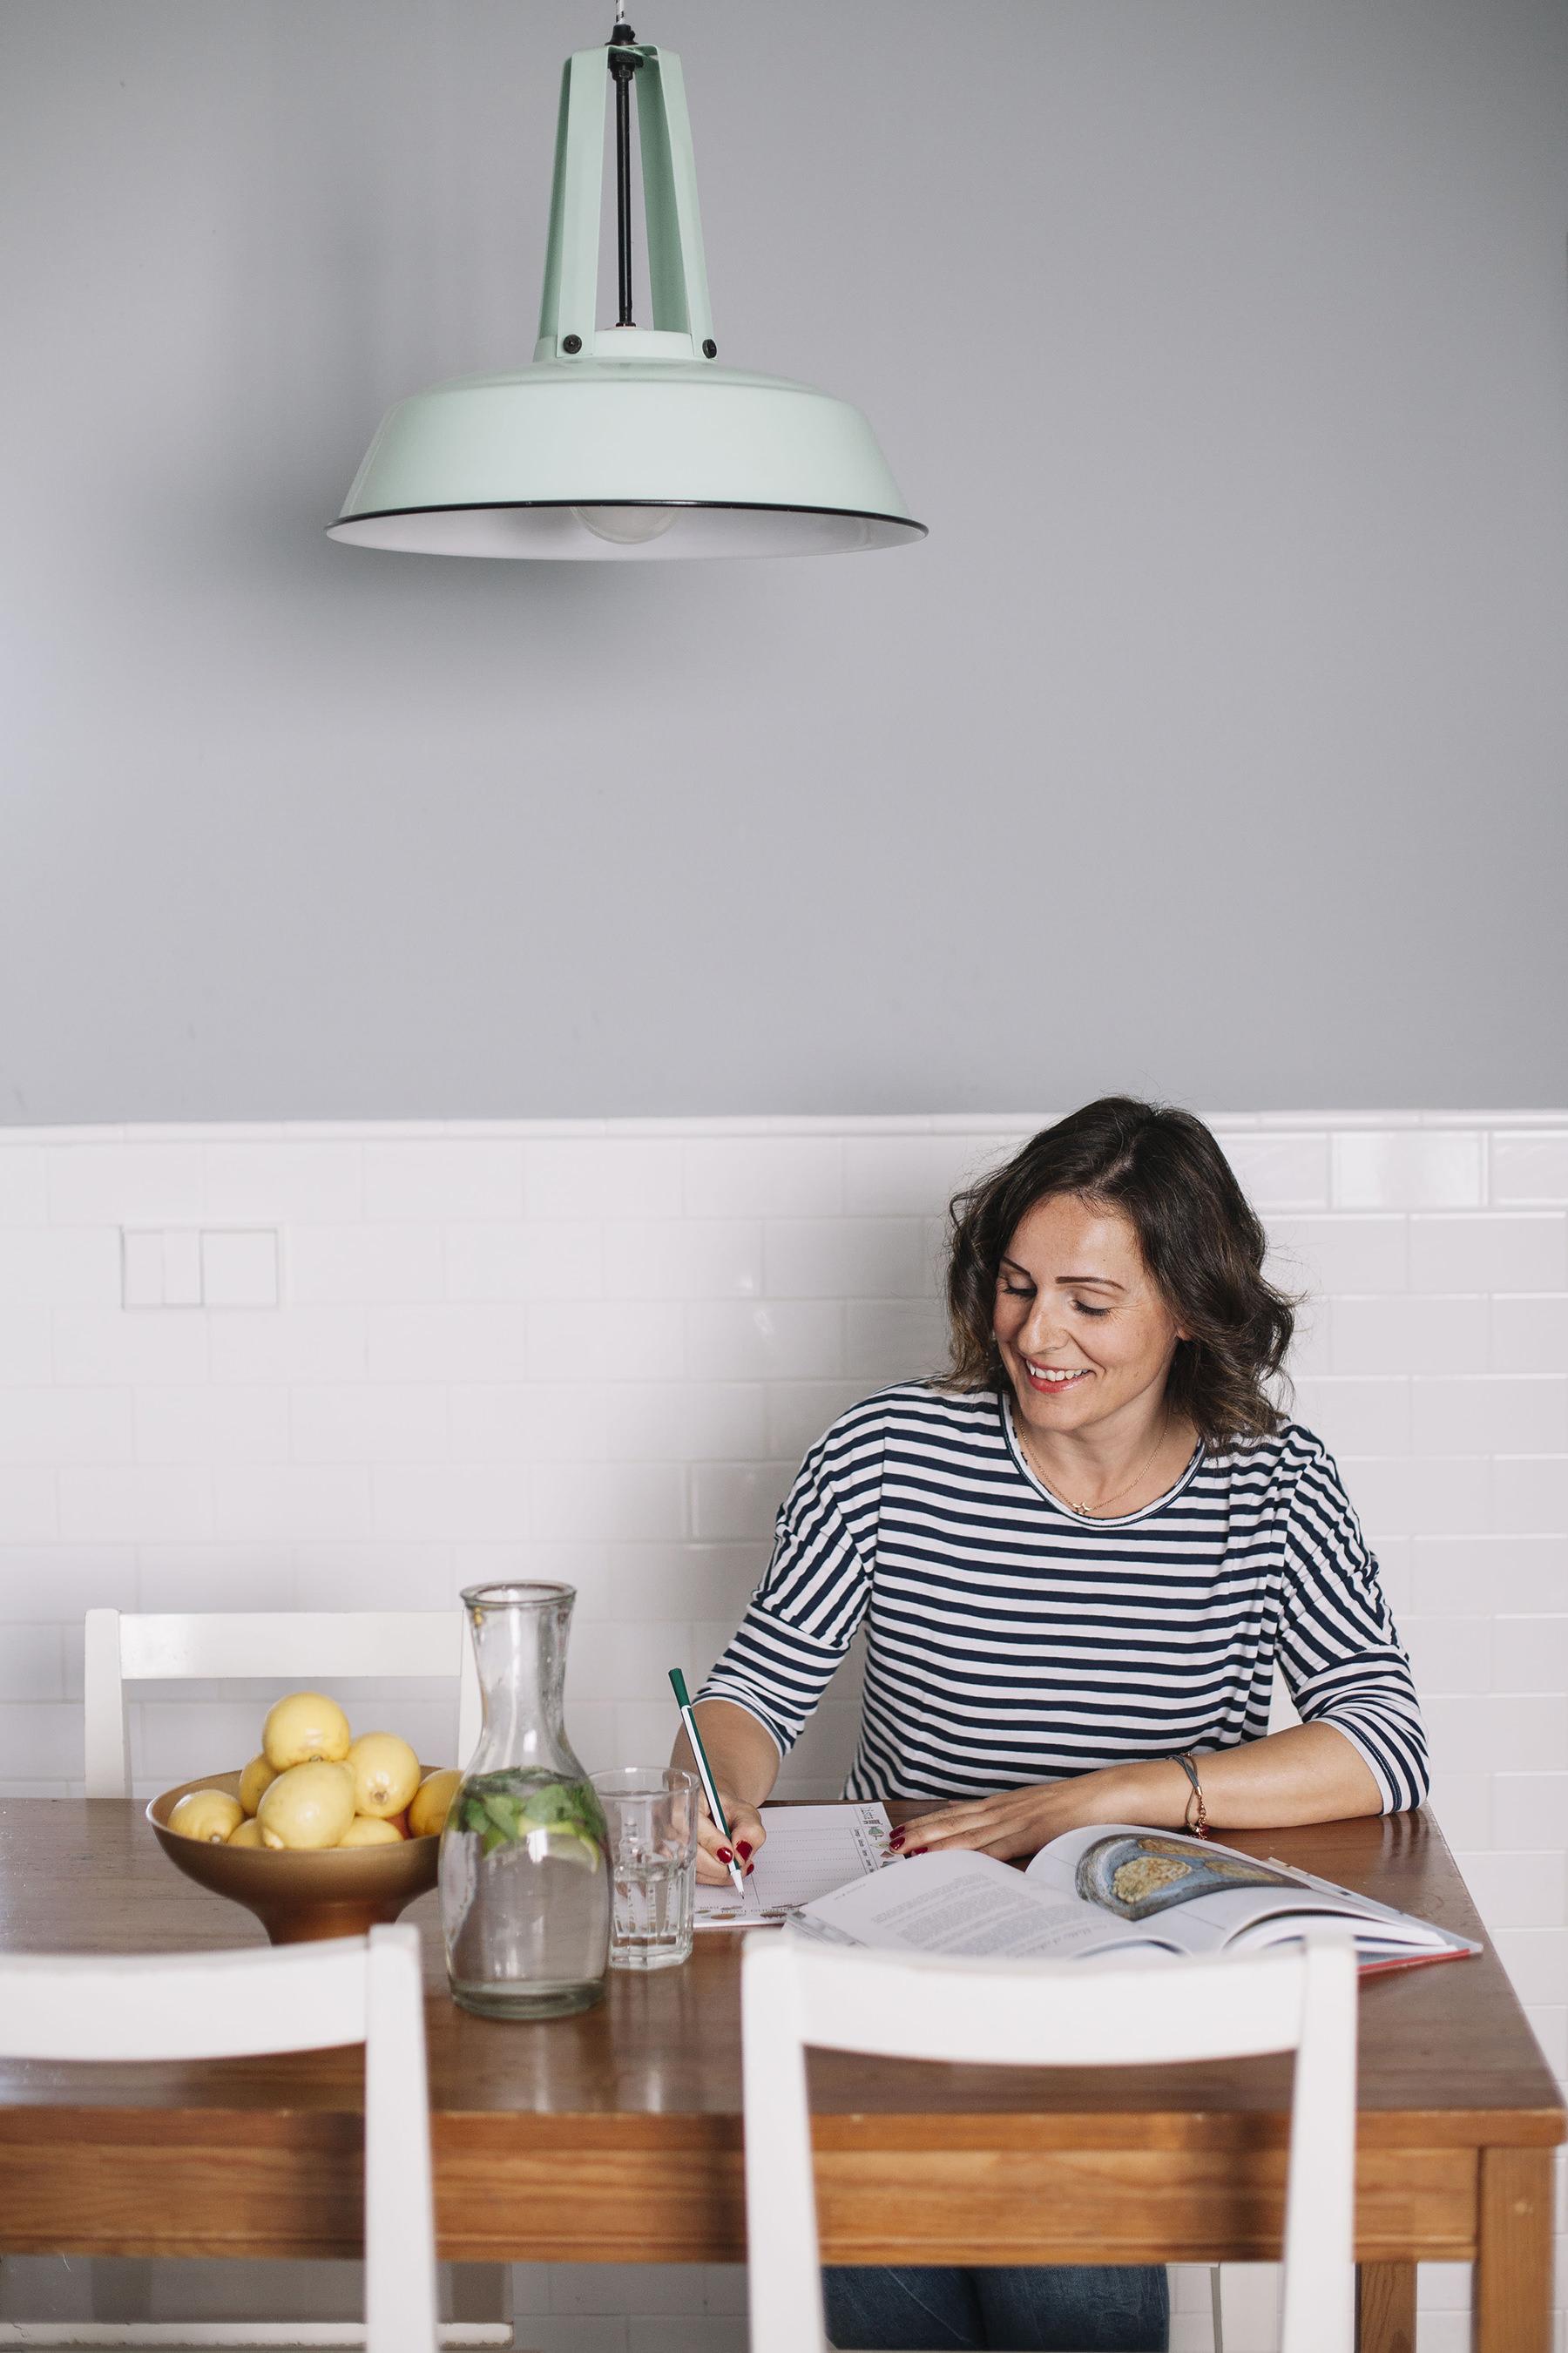 Cristina Ferrer, come bien todos los días